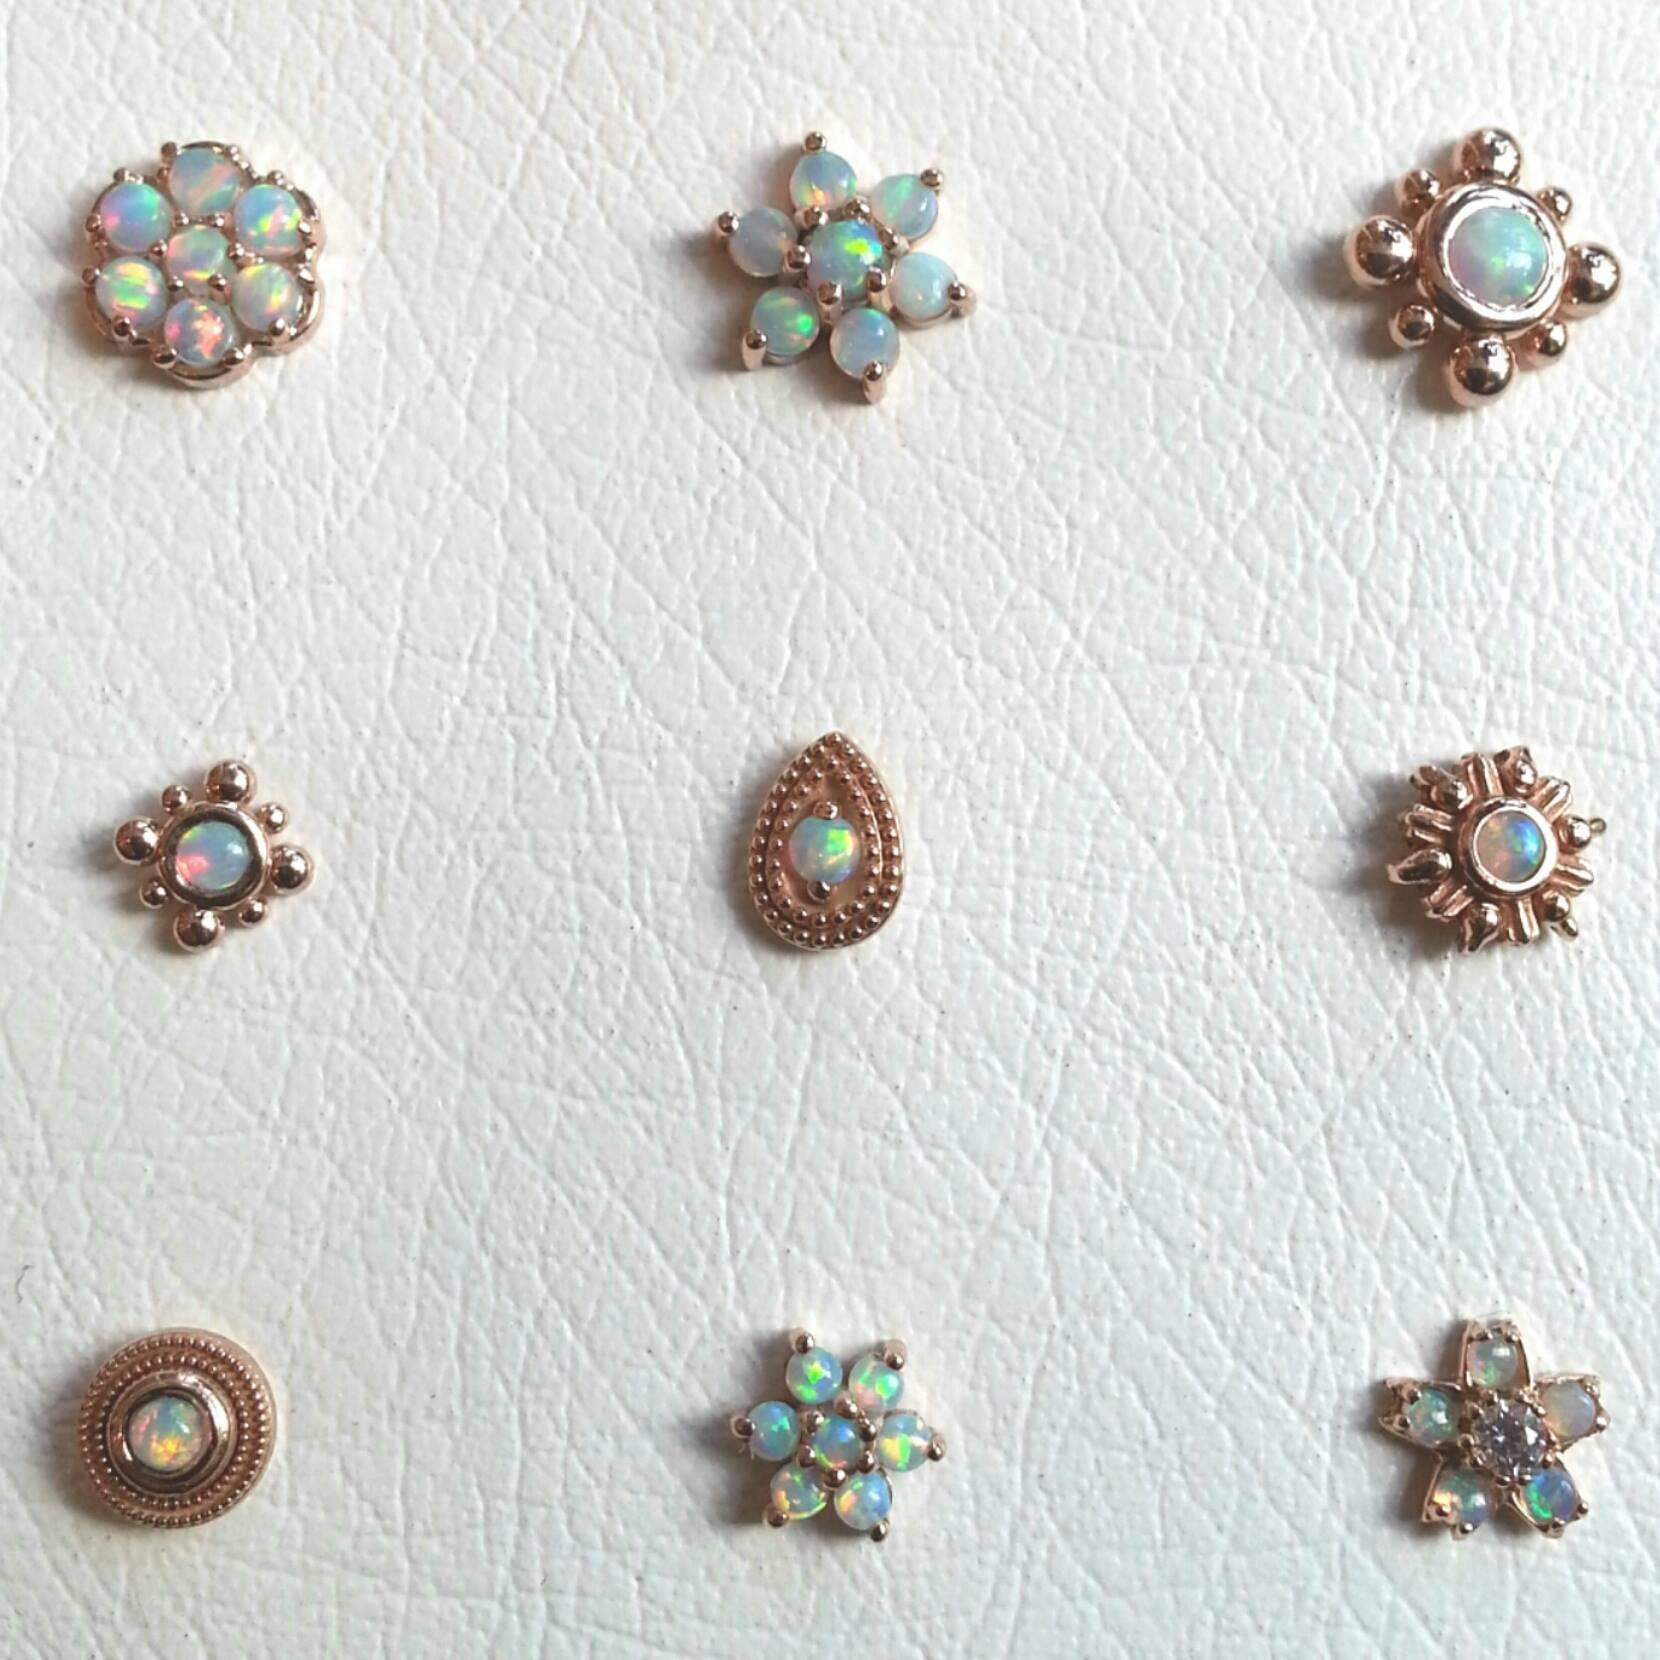 Nose piercing earrings  Brain Drops  white opal  Body Mods  Pinterest  White opal Brain